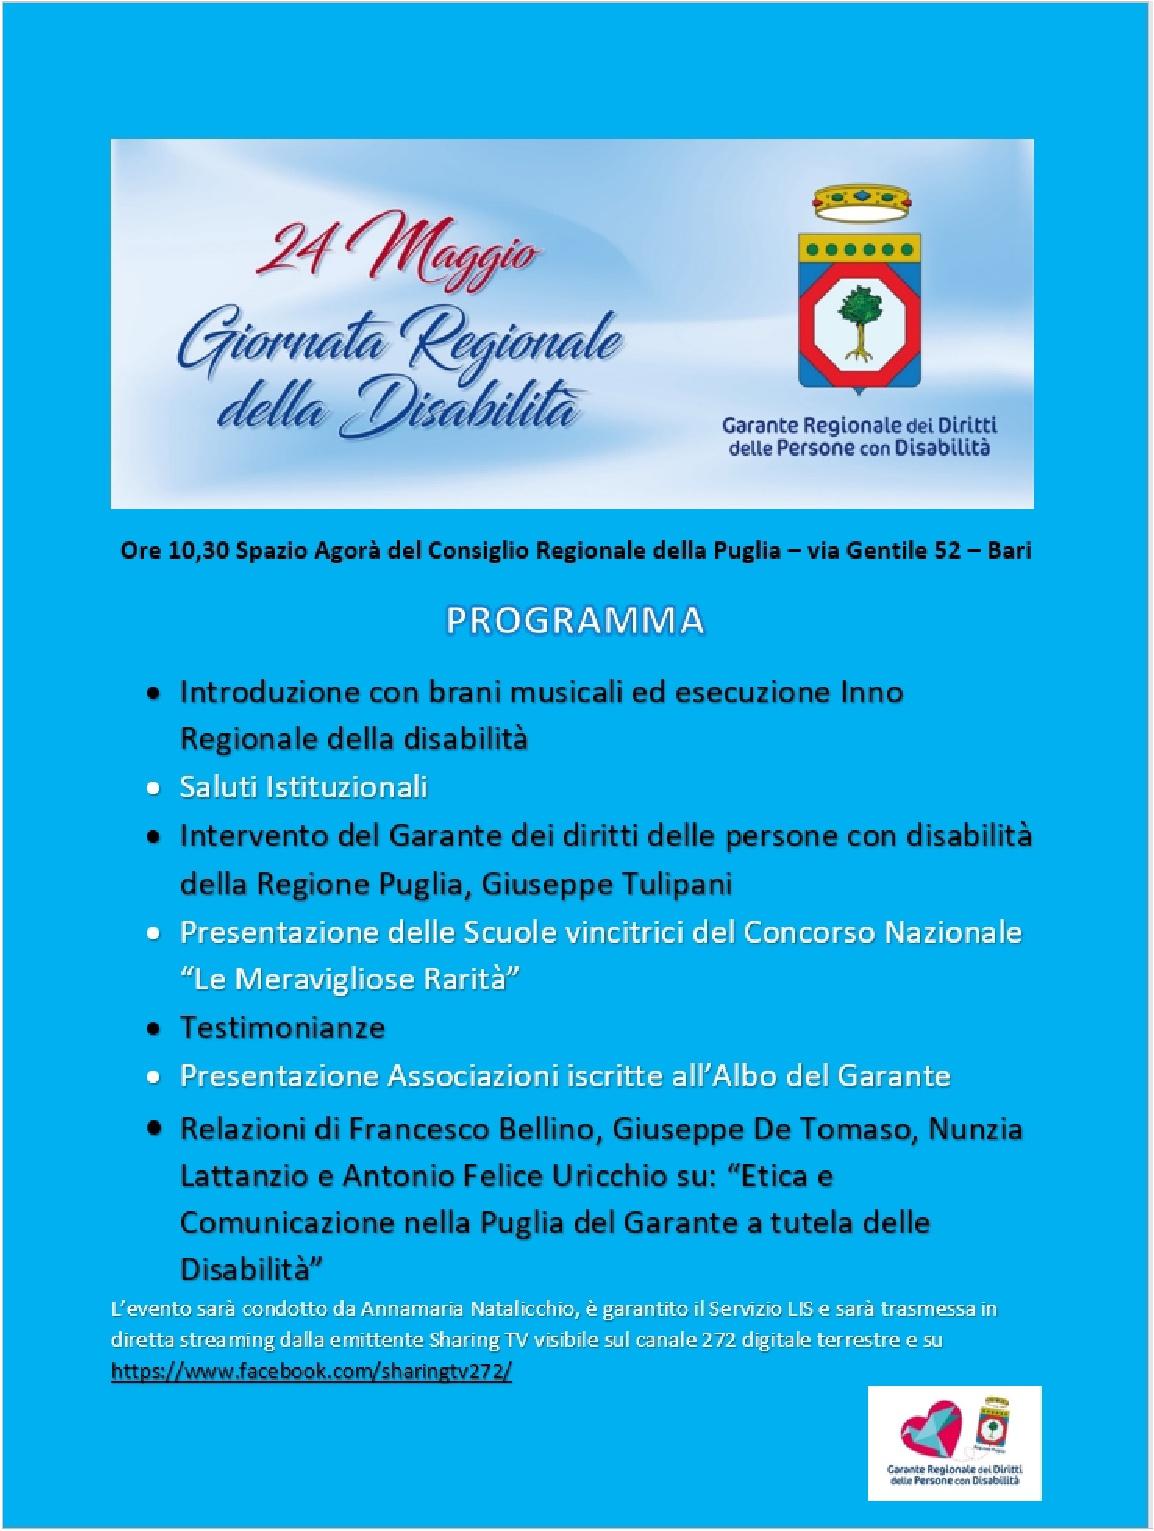 Programma Giornata regionale della Disabilita 2019